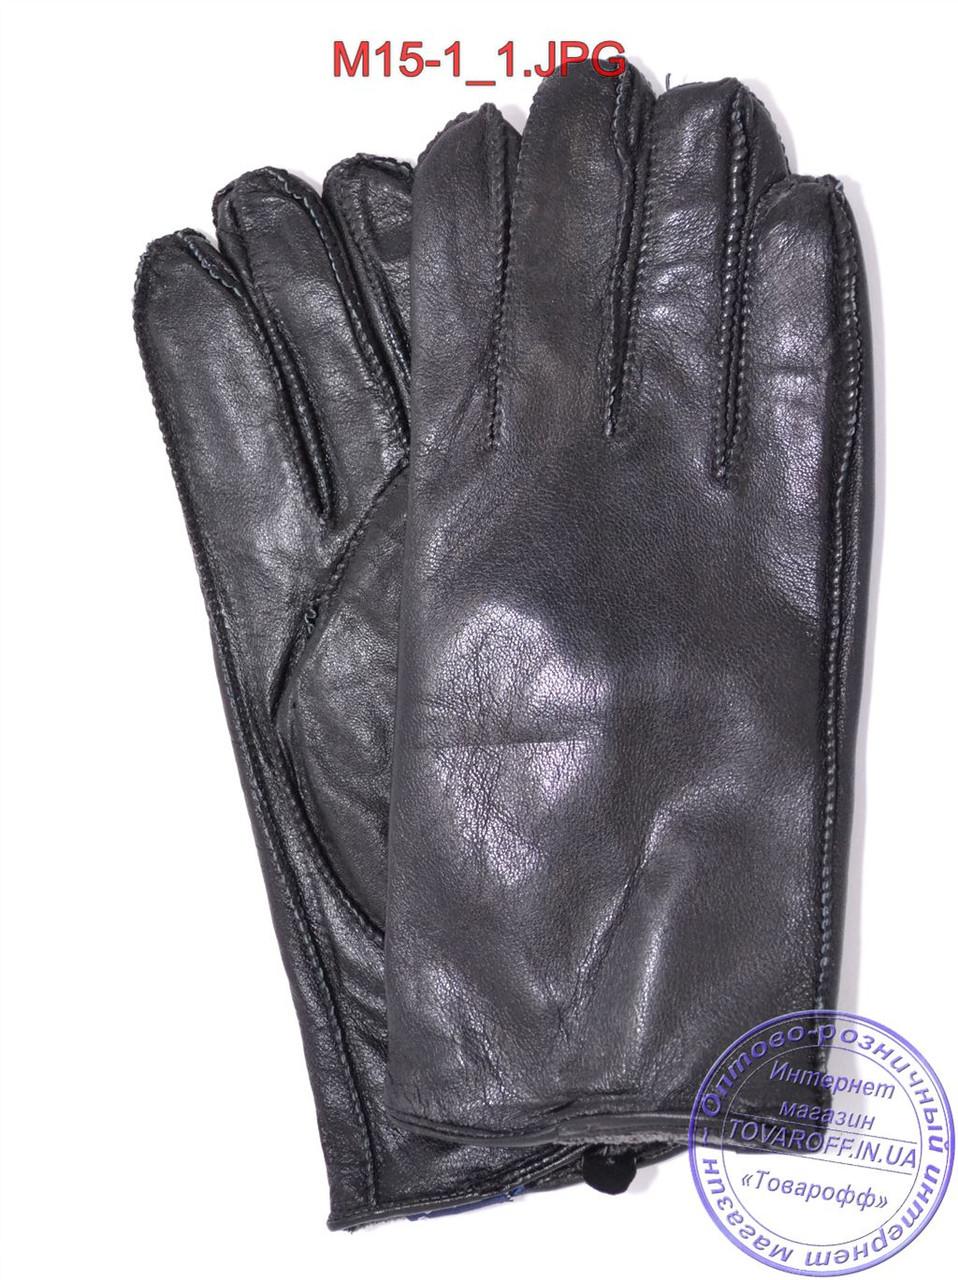 Мужские кожаные перчатки с махровой подкладкой (наружный шов) - №M15-1